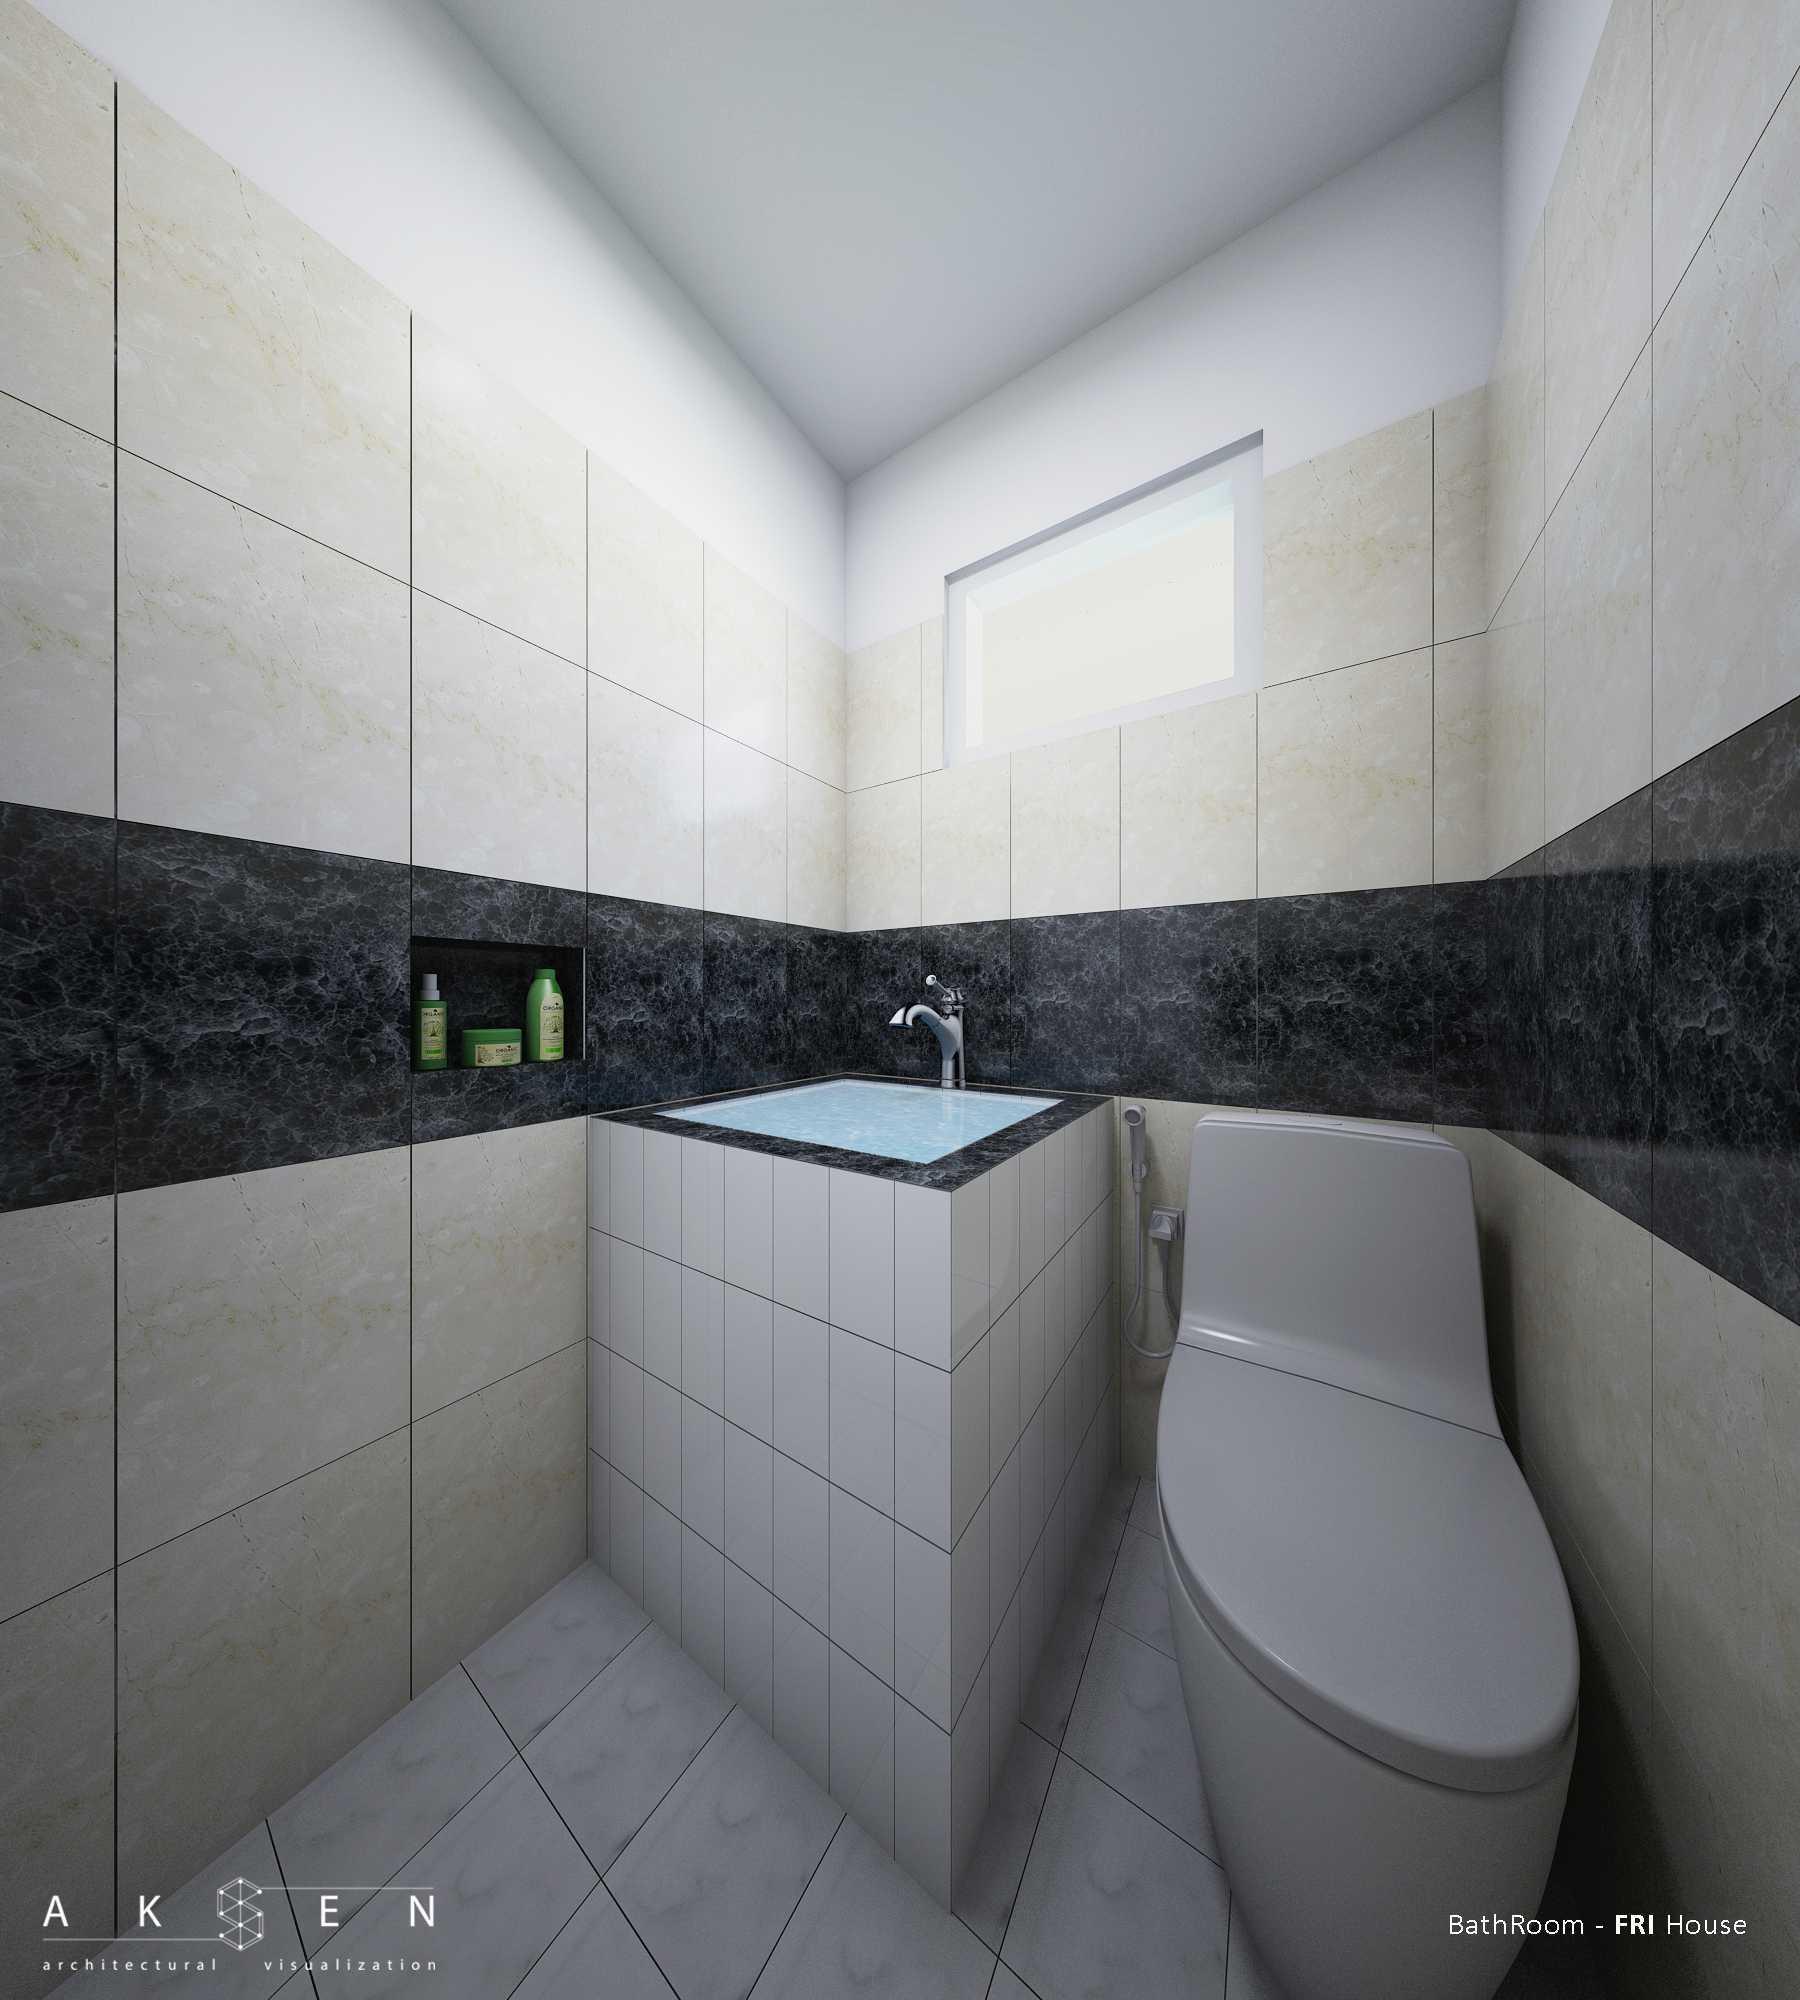 Aksen Architectural Visualization Fri House  Malang, Kota Malang, Jawa Timur, Indonesia Malang, Kota Malang, Jawa Timur, Indonesia Fri House - Bathroom Tropis  42591